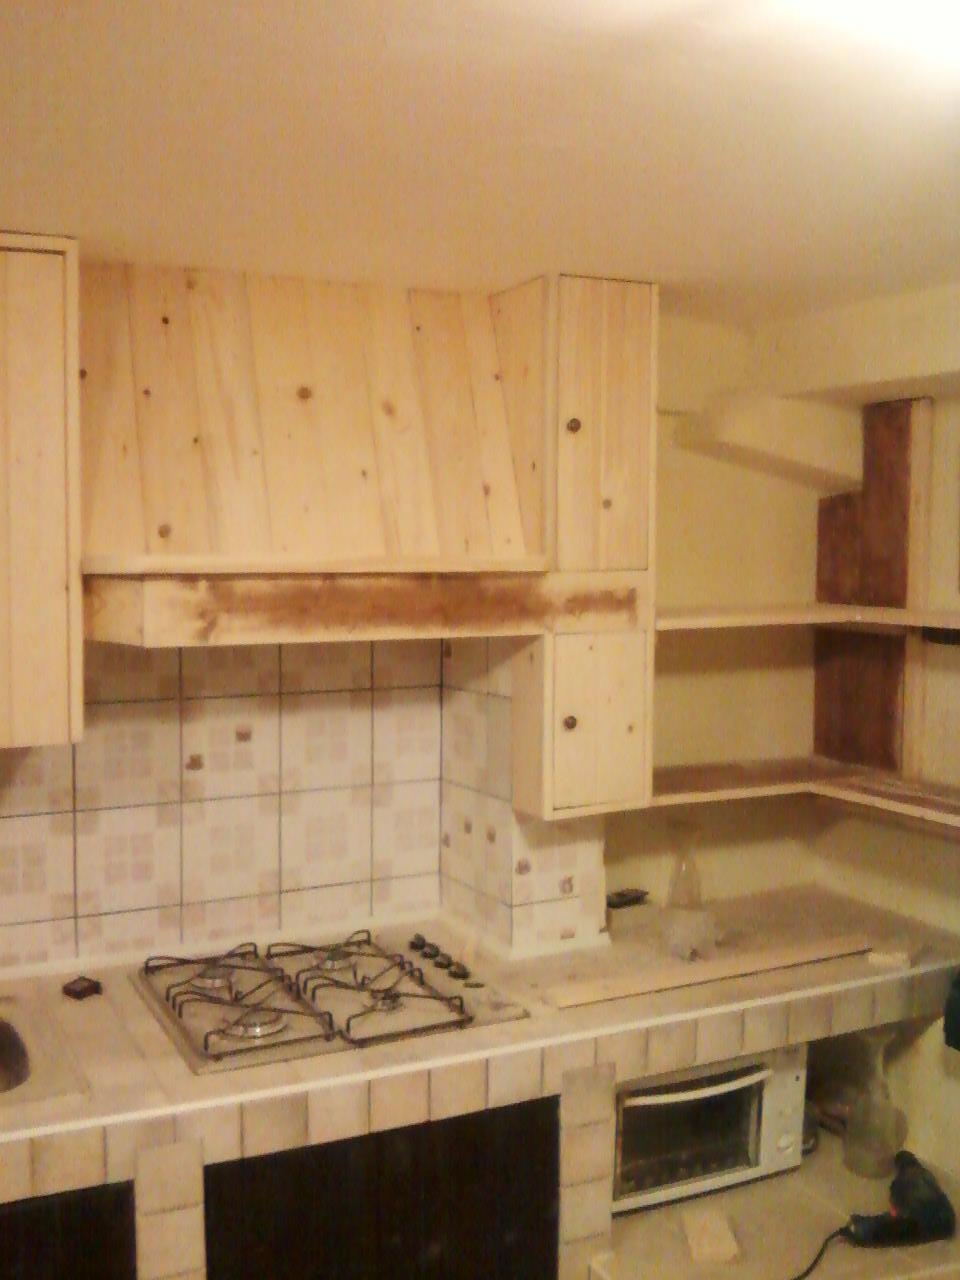 mie soluzioni pensili per cucina in muratura